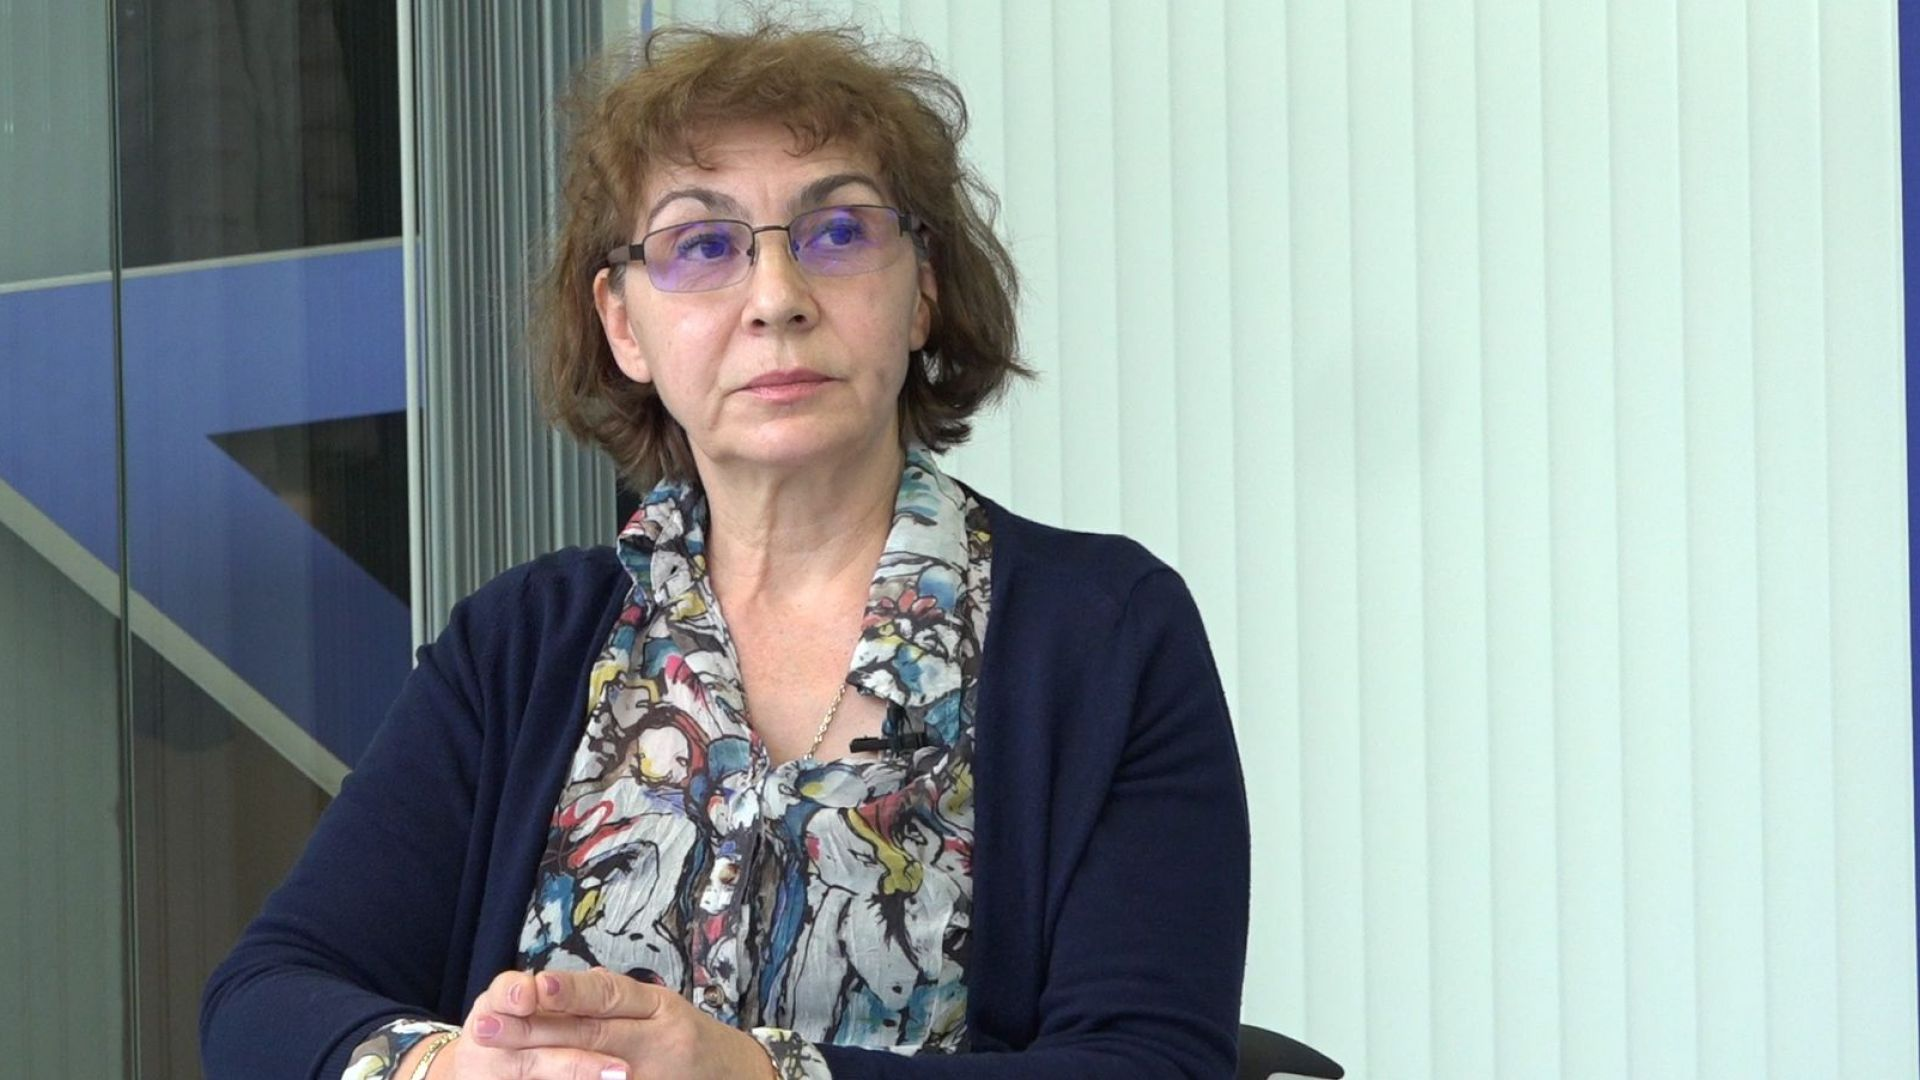 Доц. Дора Александрова: Епидемията е била очаквана, от 2019 г. има изготвен модел за разпространение